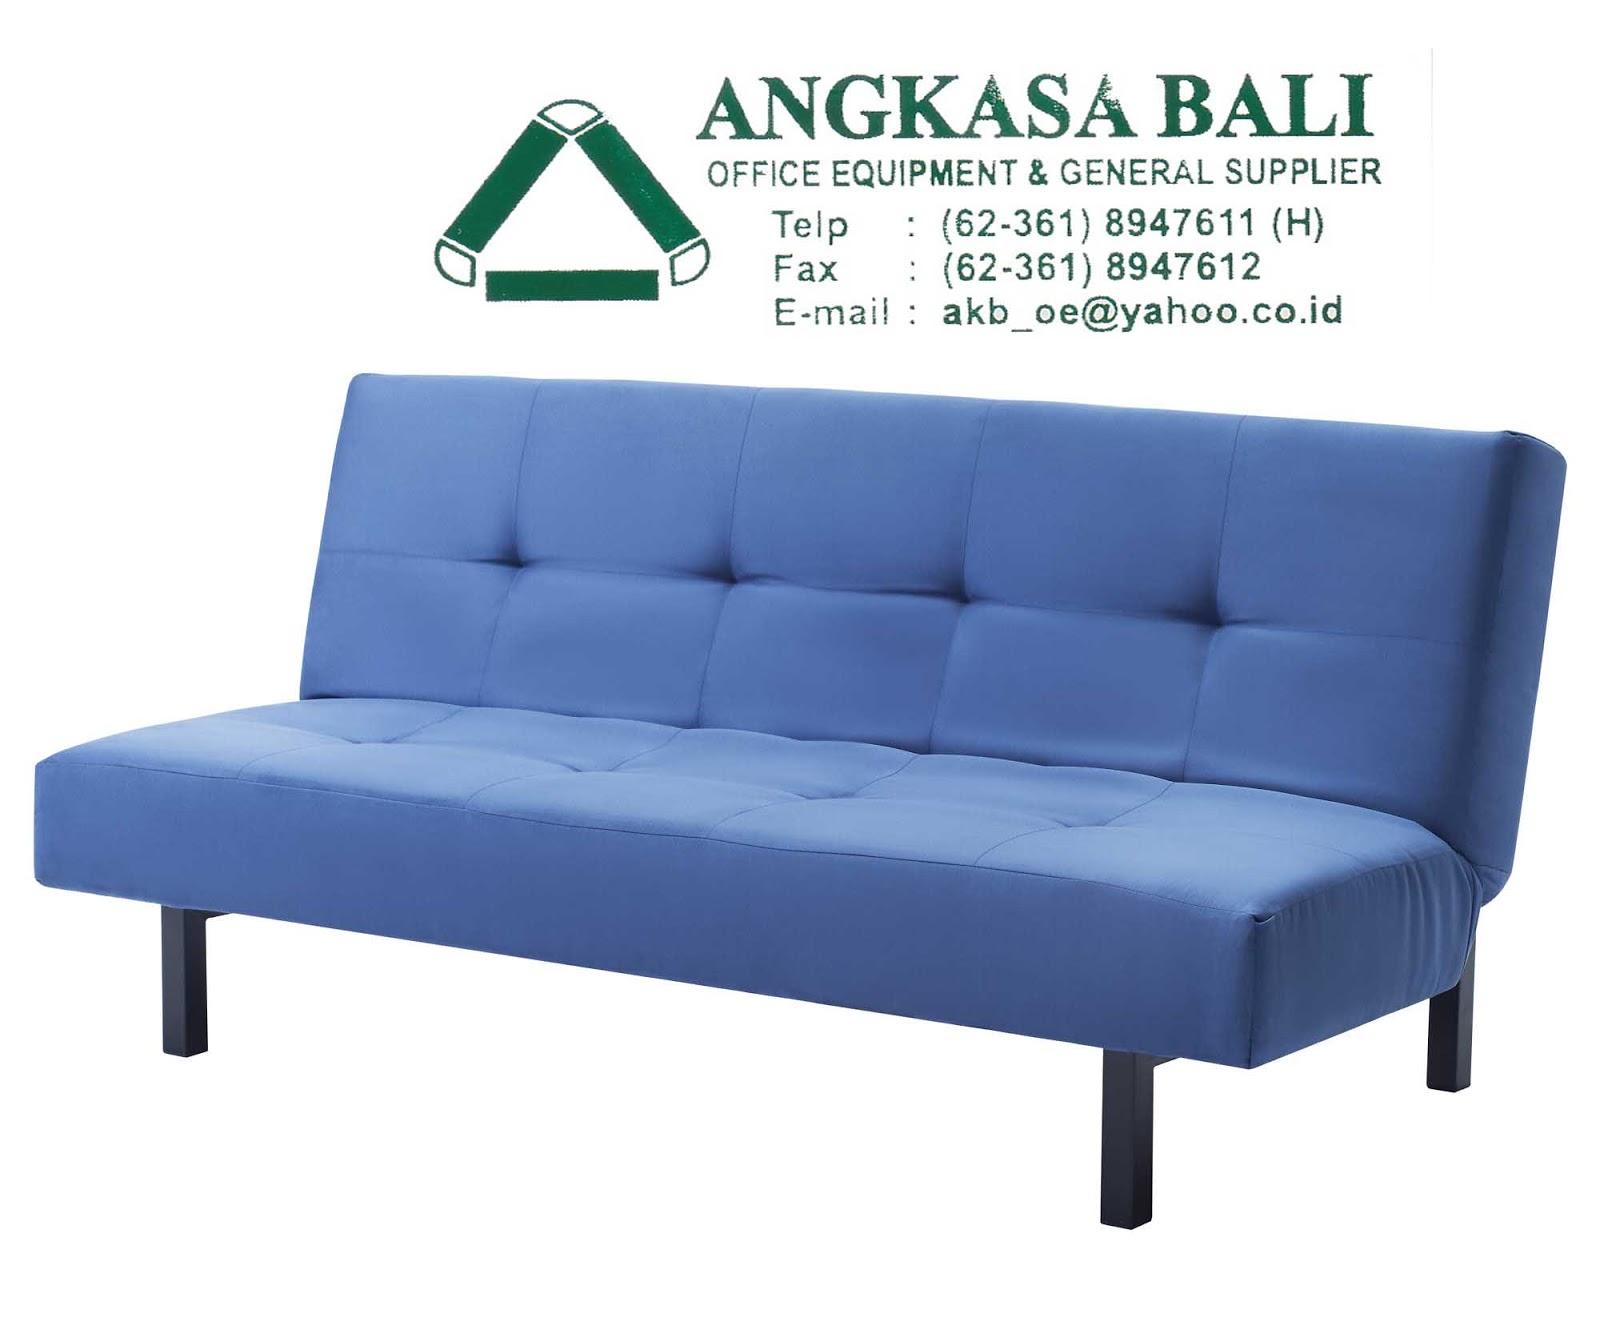 Angkasa bali jual sofa bed di bali di bali for Sofa bed yang bagus merk apa